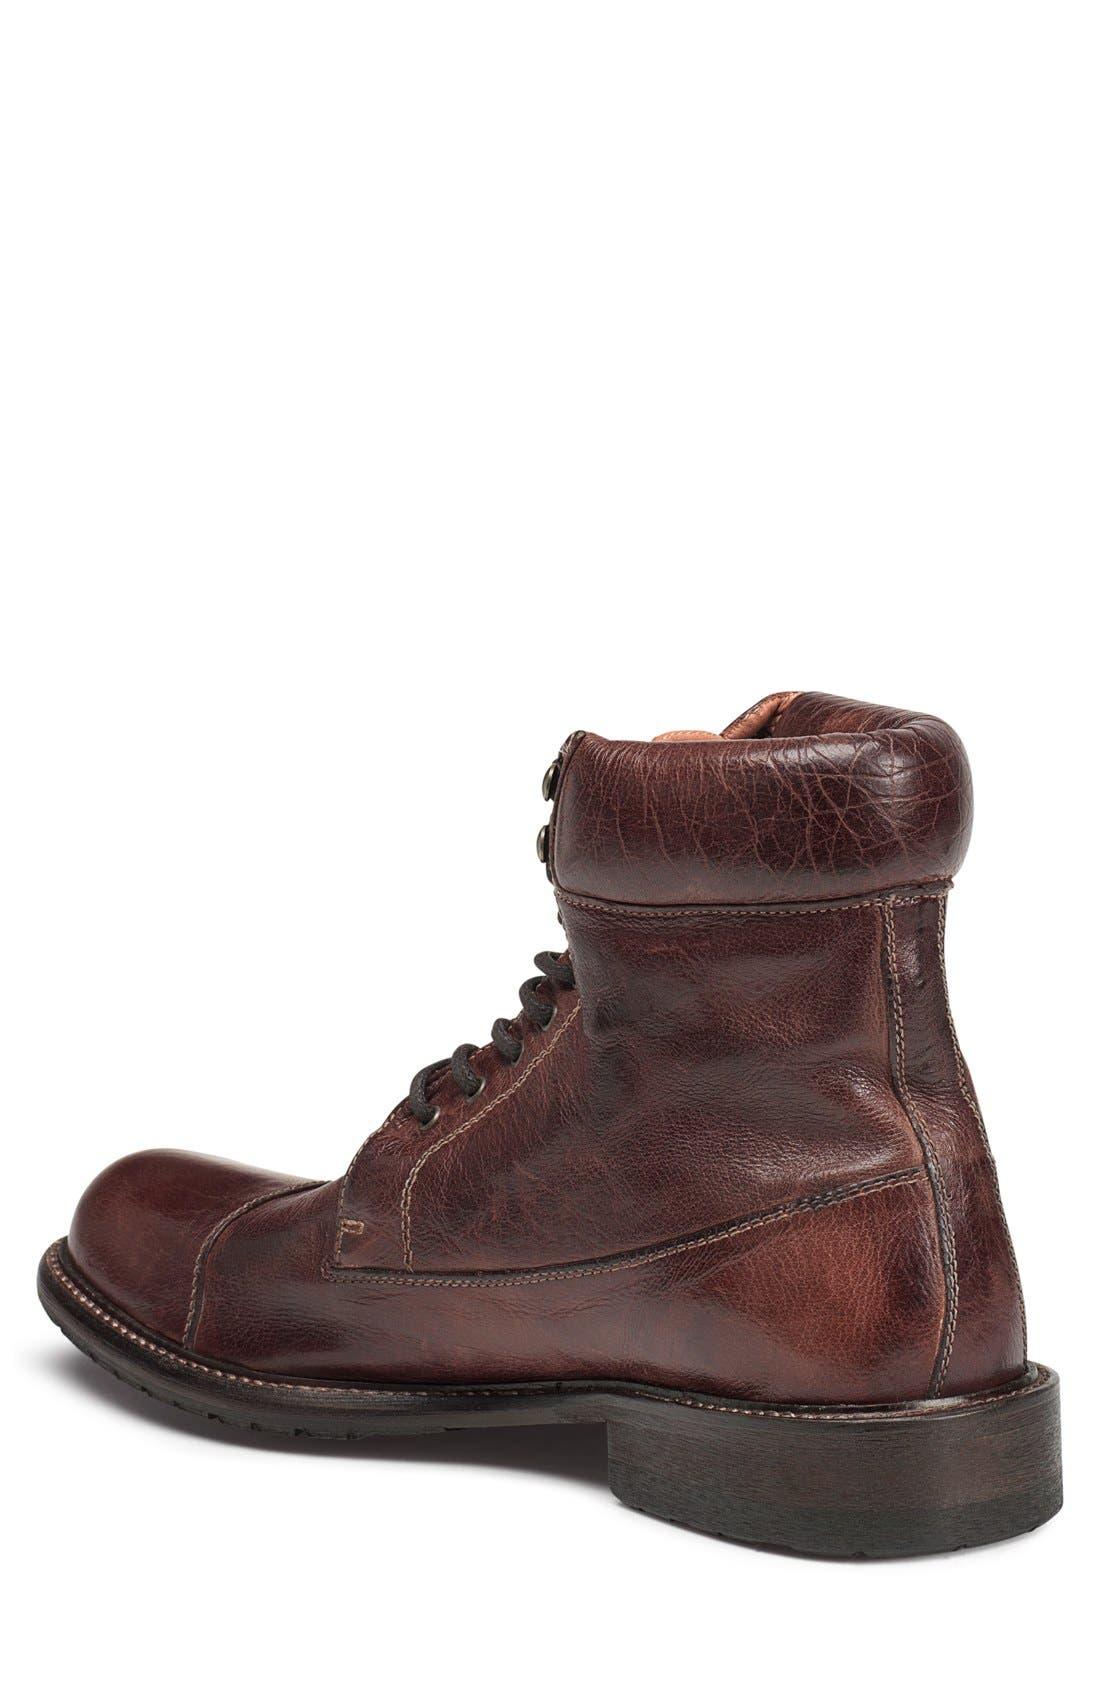 'Ronan' Cap Toe Boot,                             Alternate thumbnail 4, color,